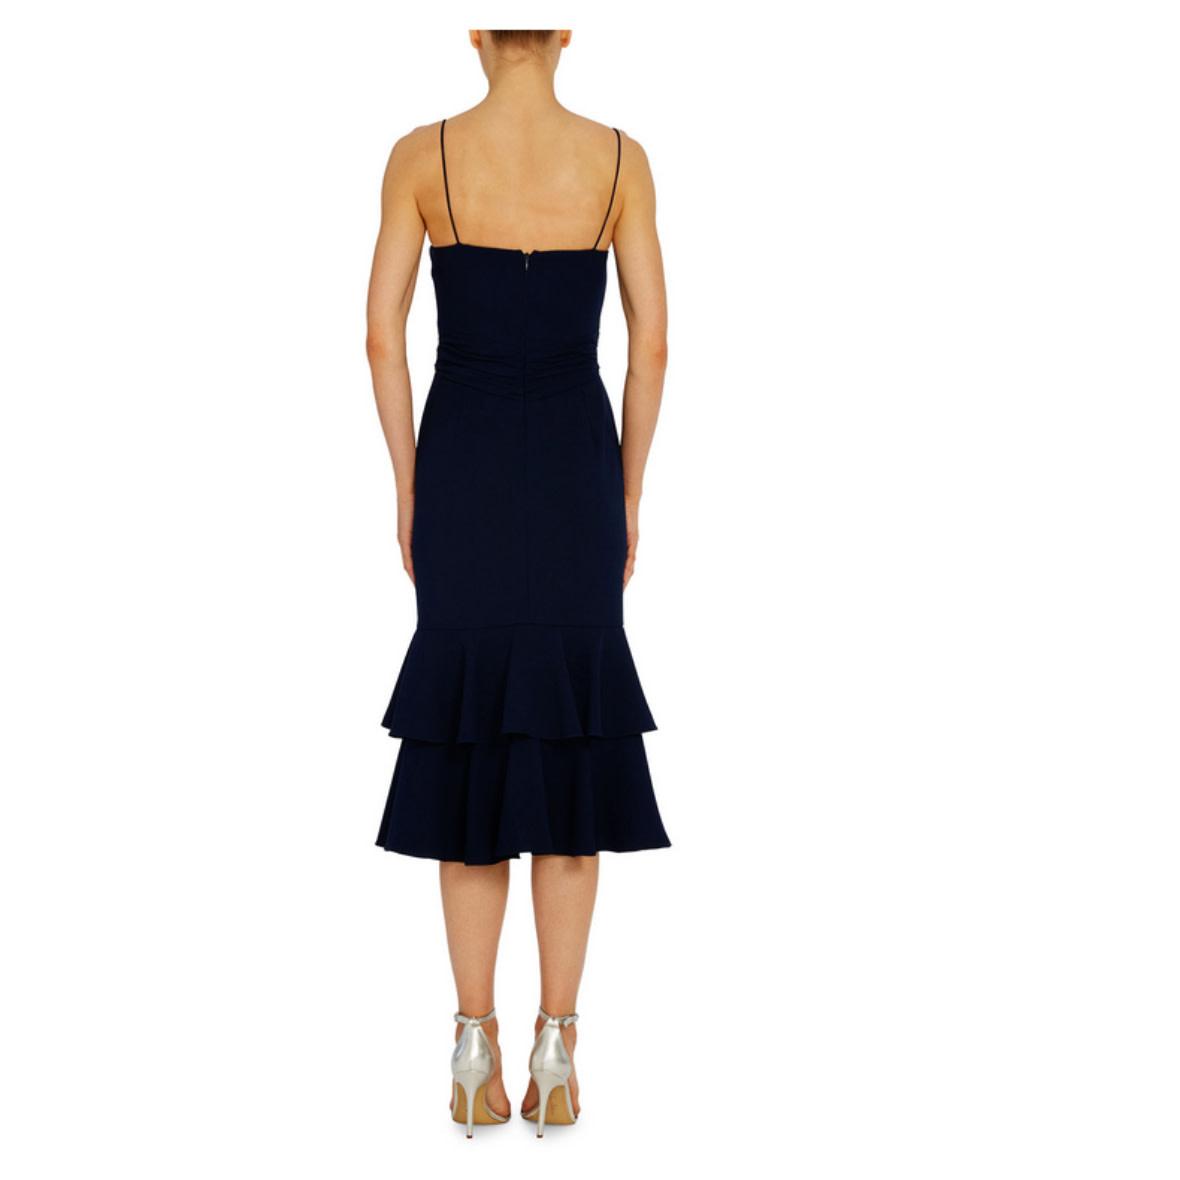 ML Monique Lhuillier ML Monique Lhuillier Tiered Cocktail Dress